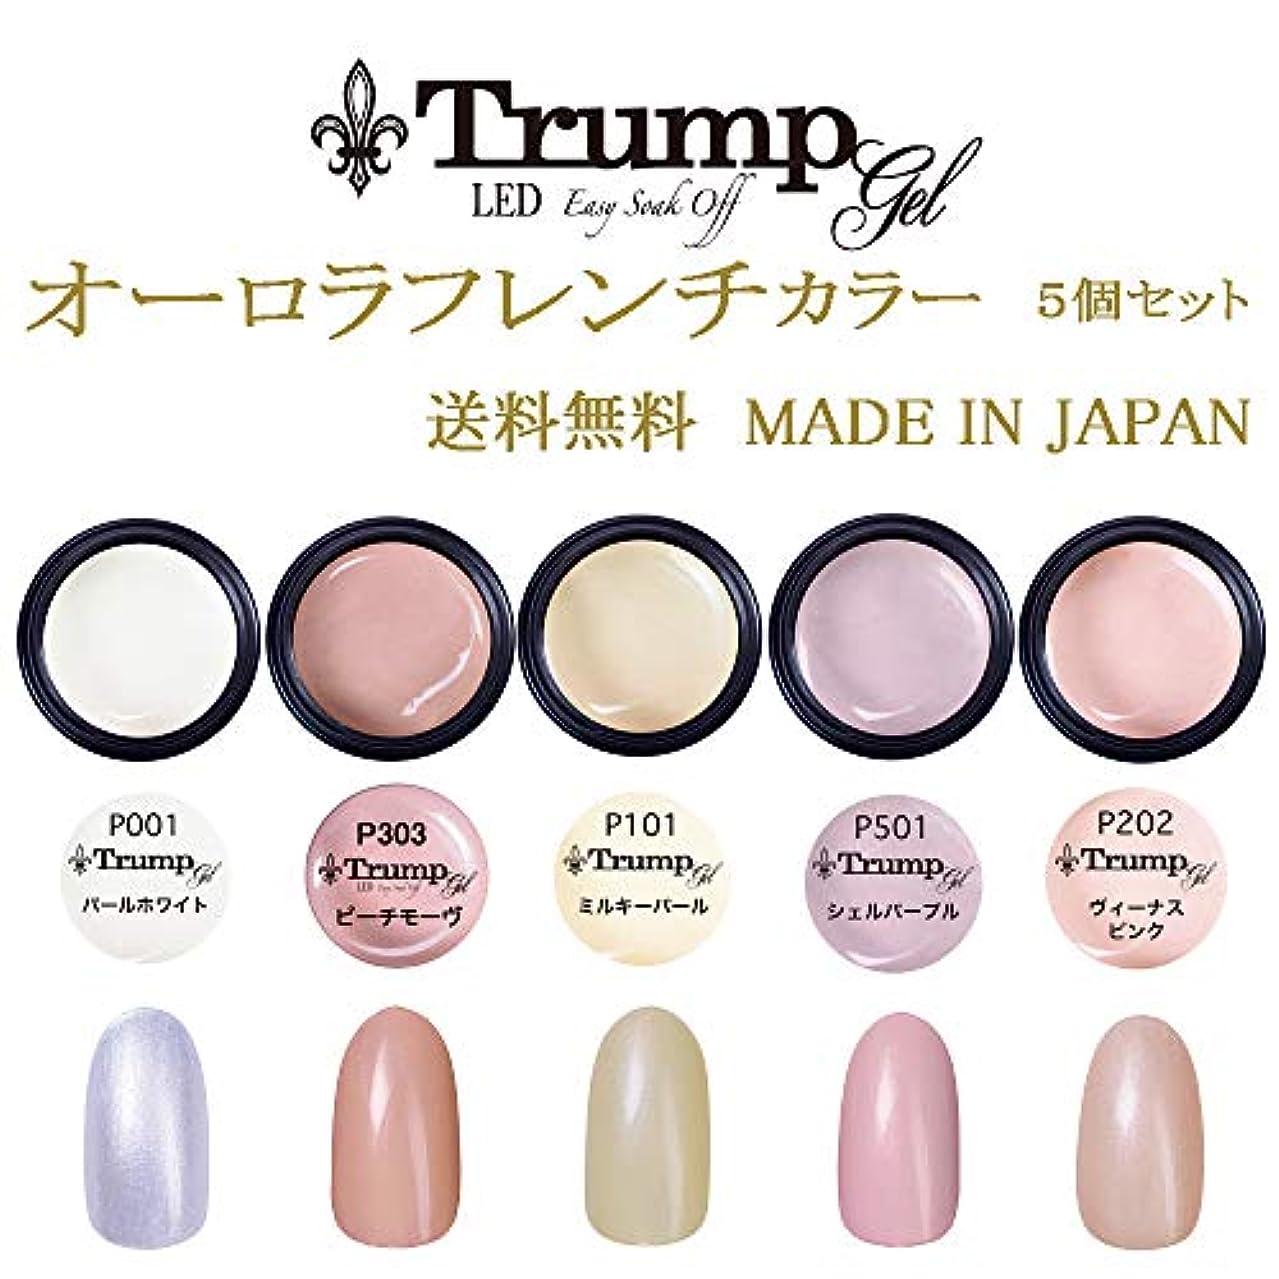 黒透ける悪の【送料無料】日本製 Trump gel トランプジェル オーロラフレンチカラージェル 5個セット オーロラ感たたっぷりな オーロラフレンチネイルカラージェルセット